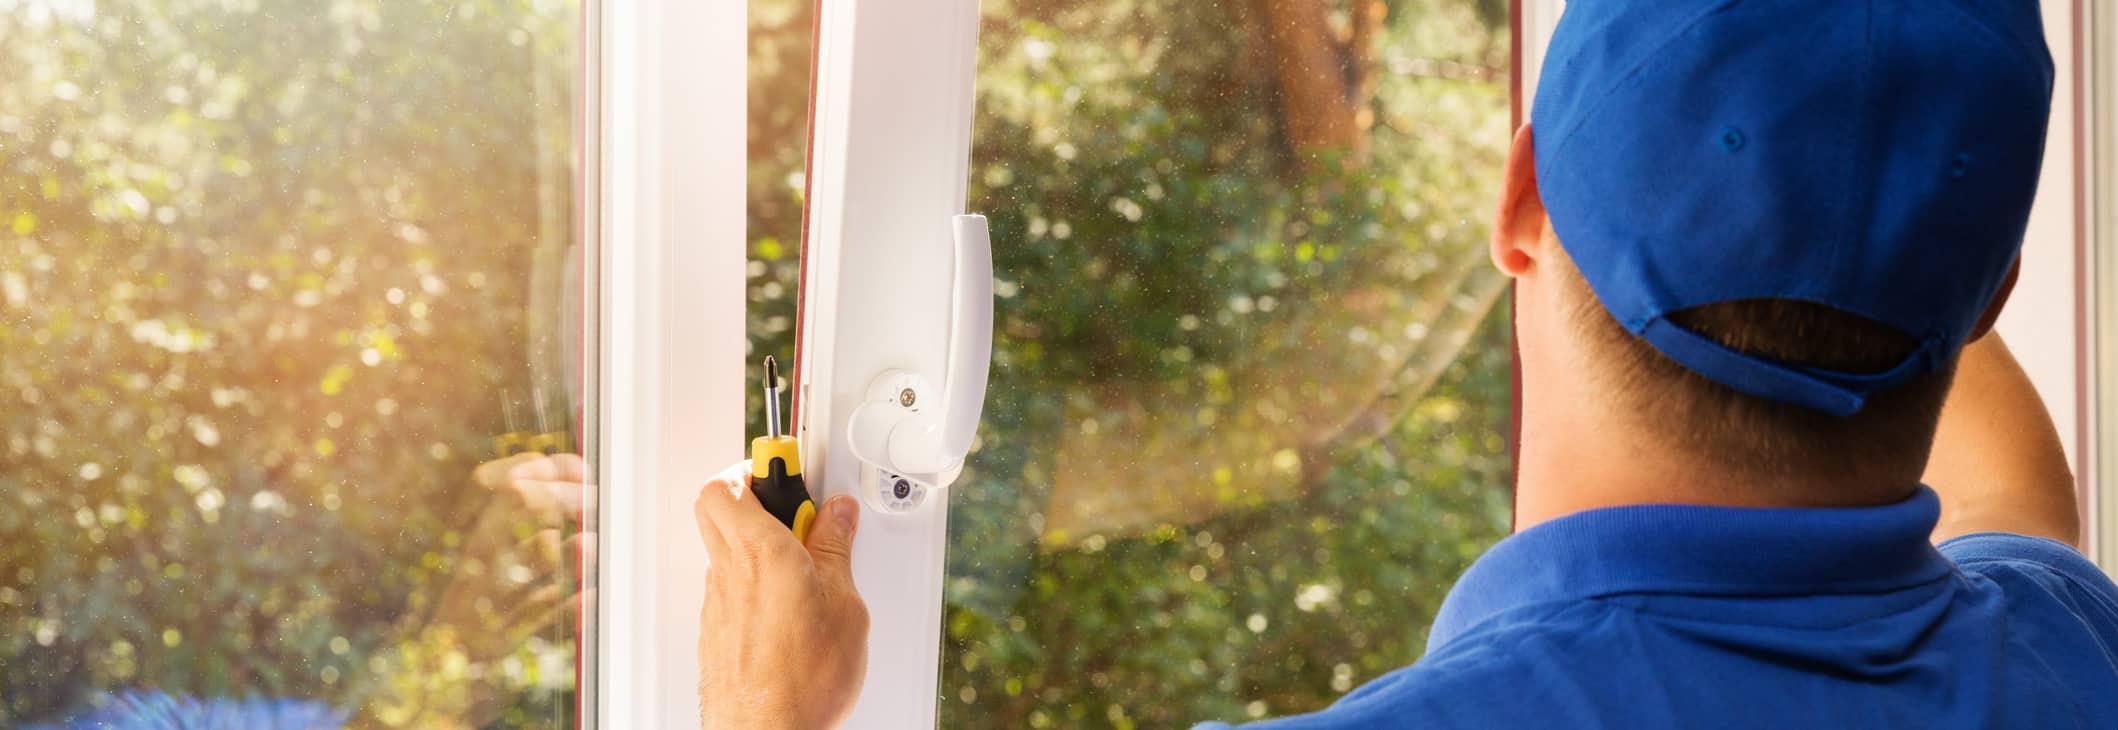 תיקון חלונות - תיקון תריסים